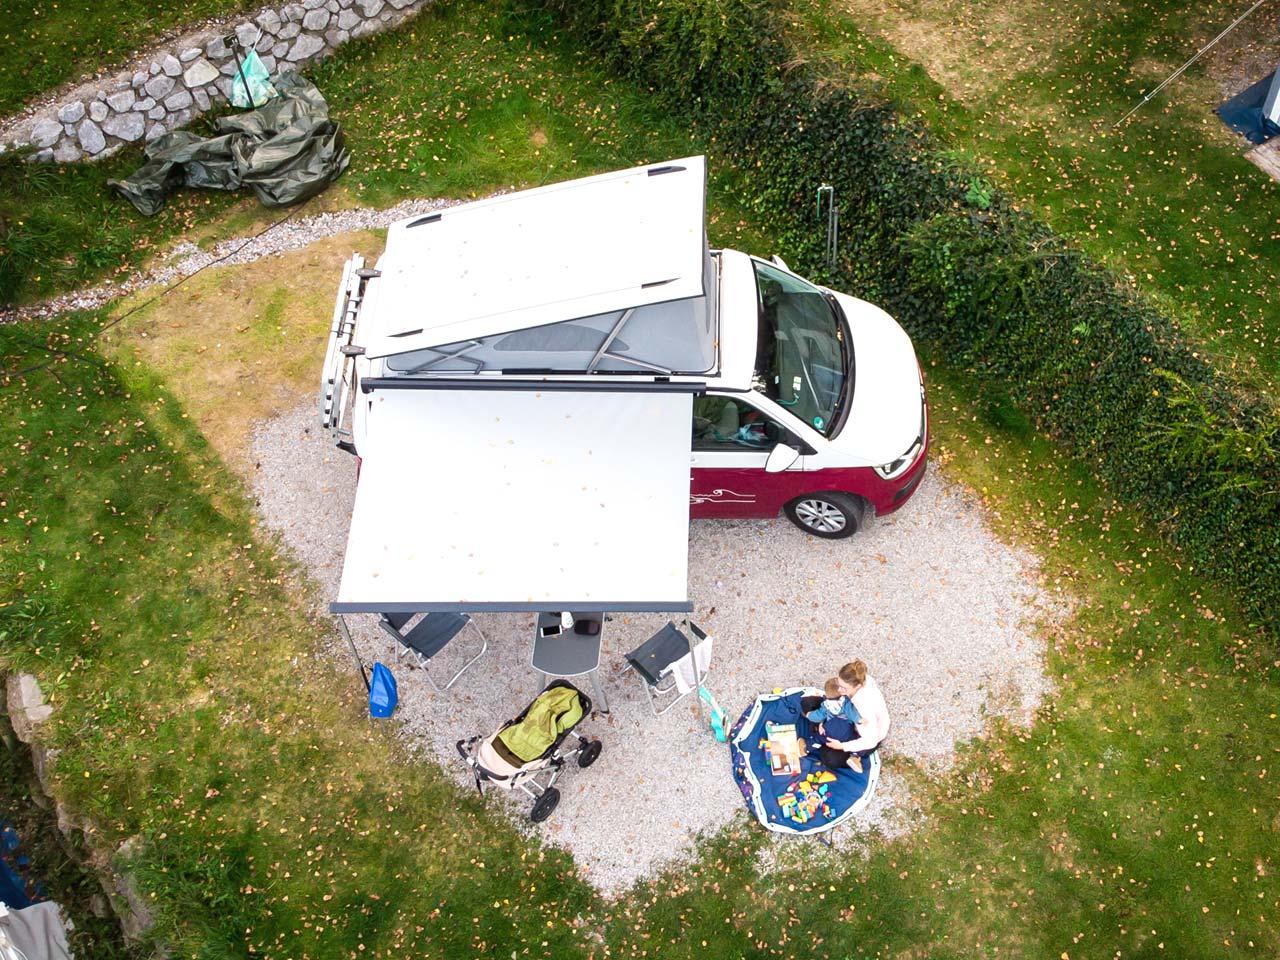 Camping mit Kind: Der roadsurfer von oben (Bild: Lea Wacker)